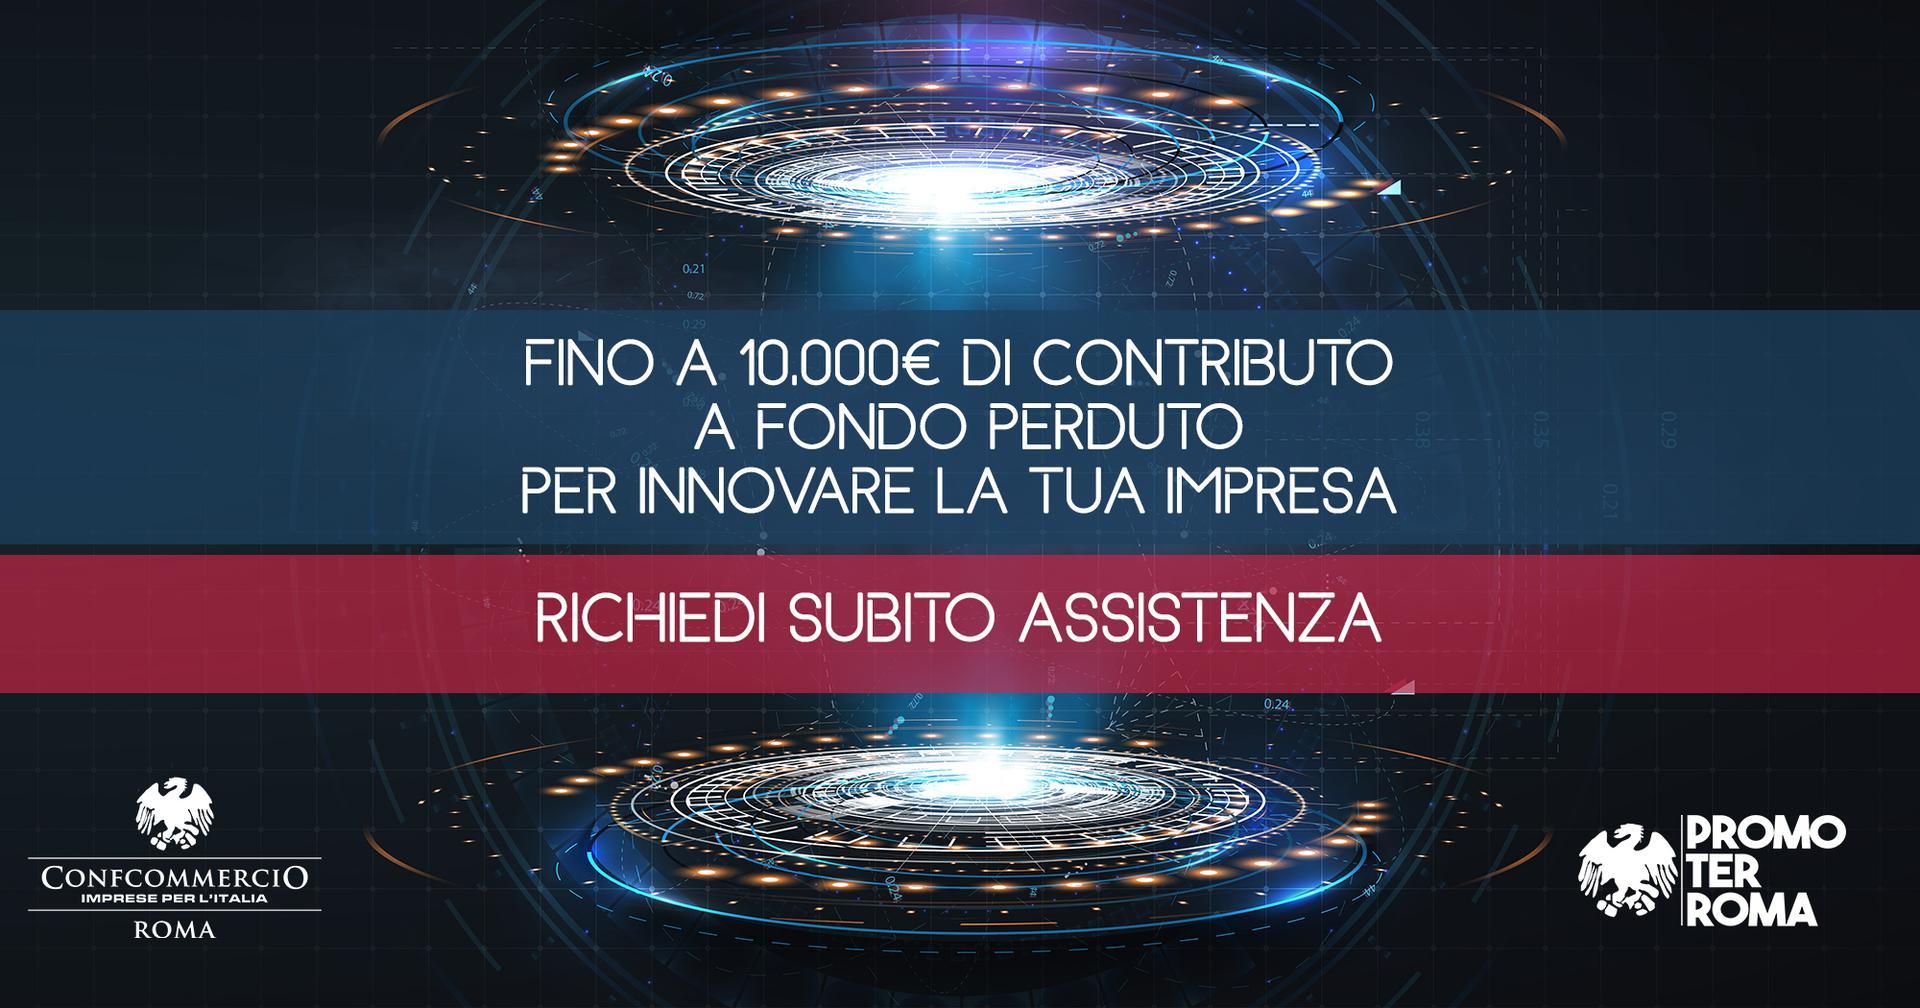 Fino a 10.000€ di contributo a fondo perduto per innovare la tua impresa   Bando 'Voucher Digitali Impresa 4.0' CCIAA Roma – ed.2021